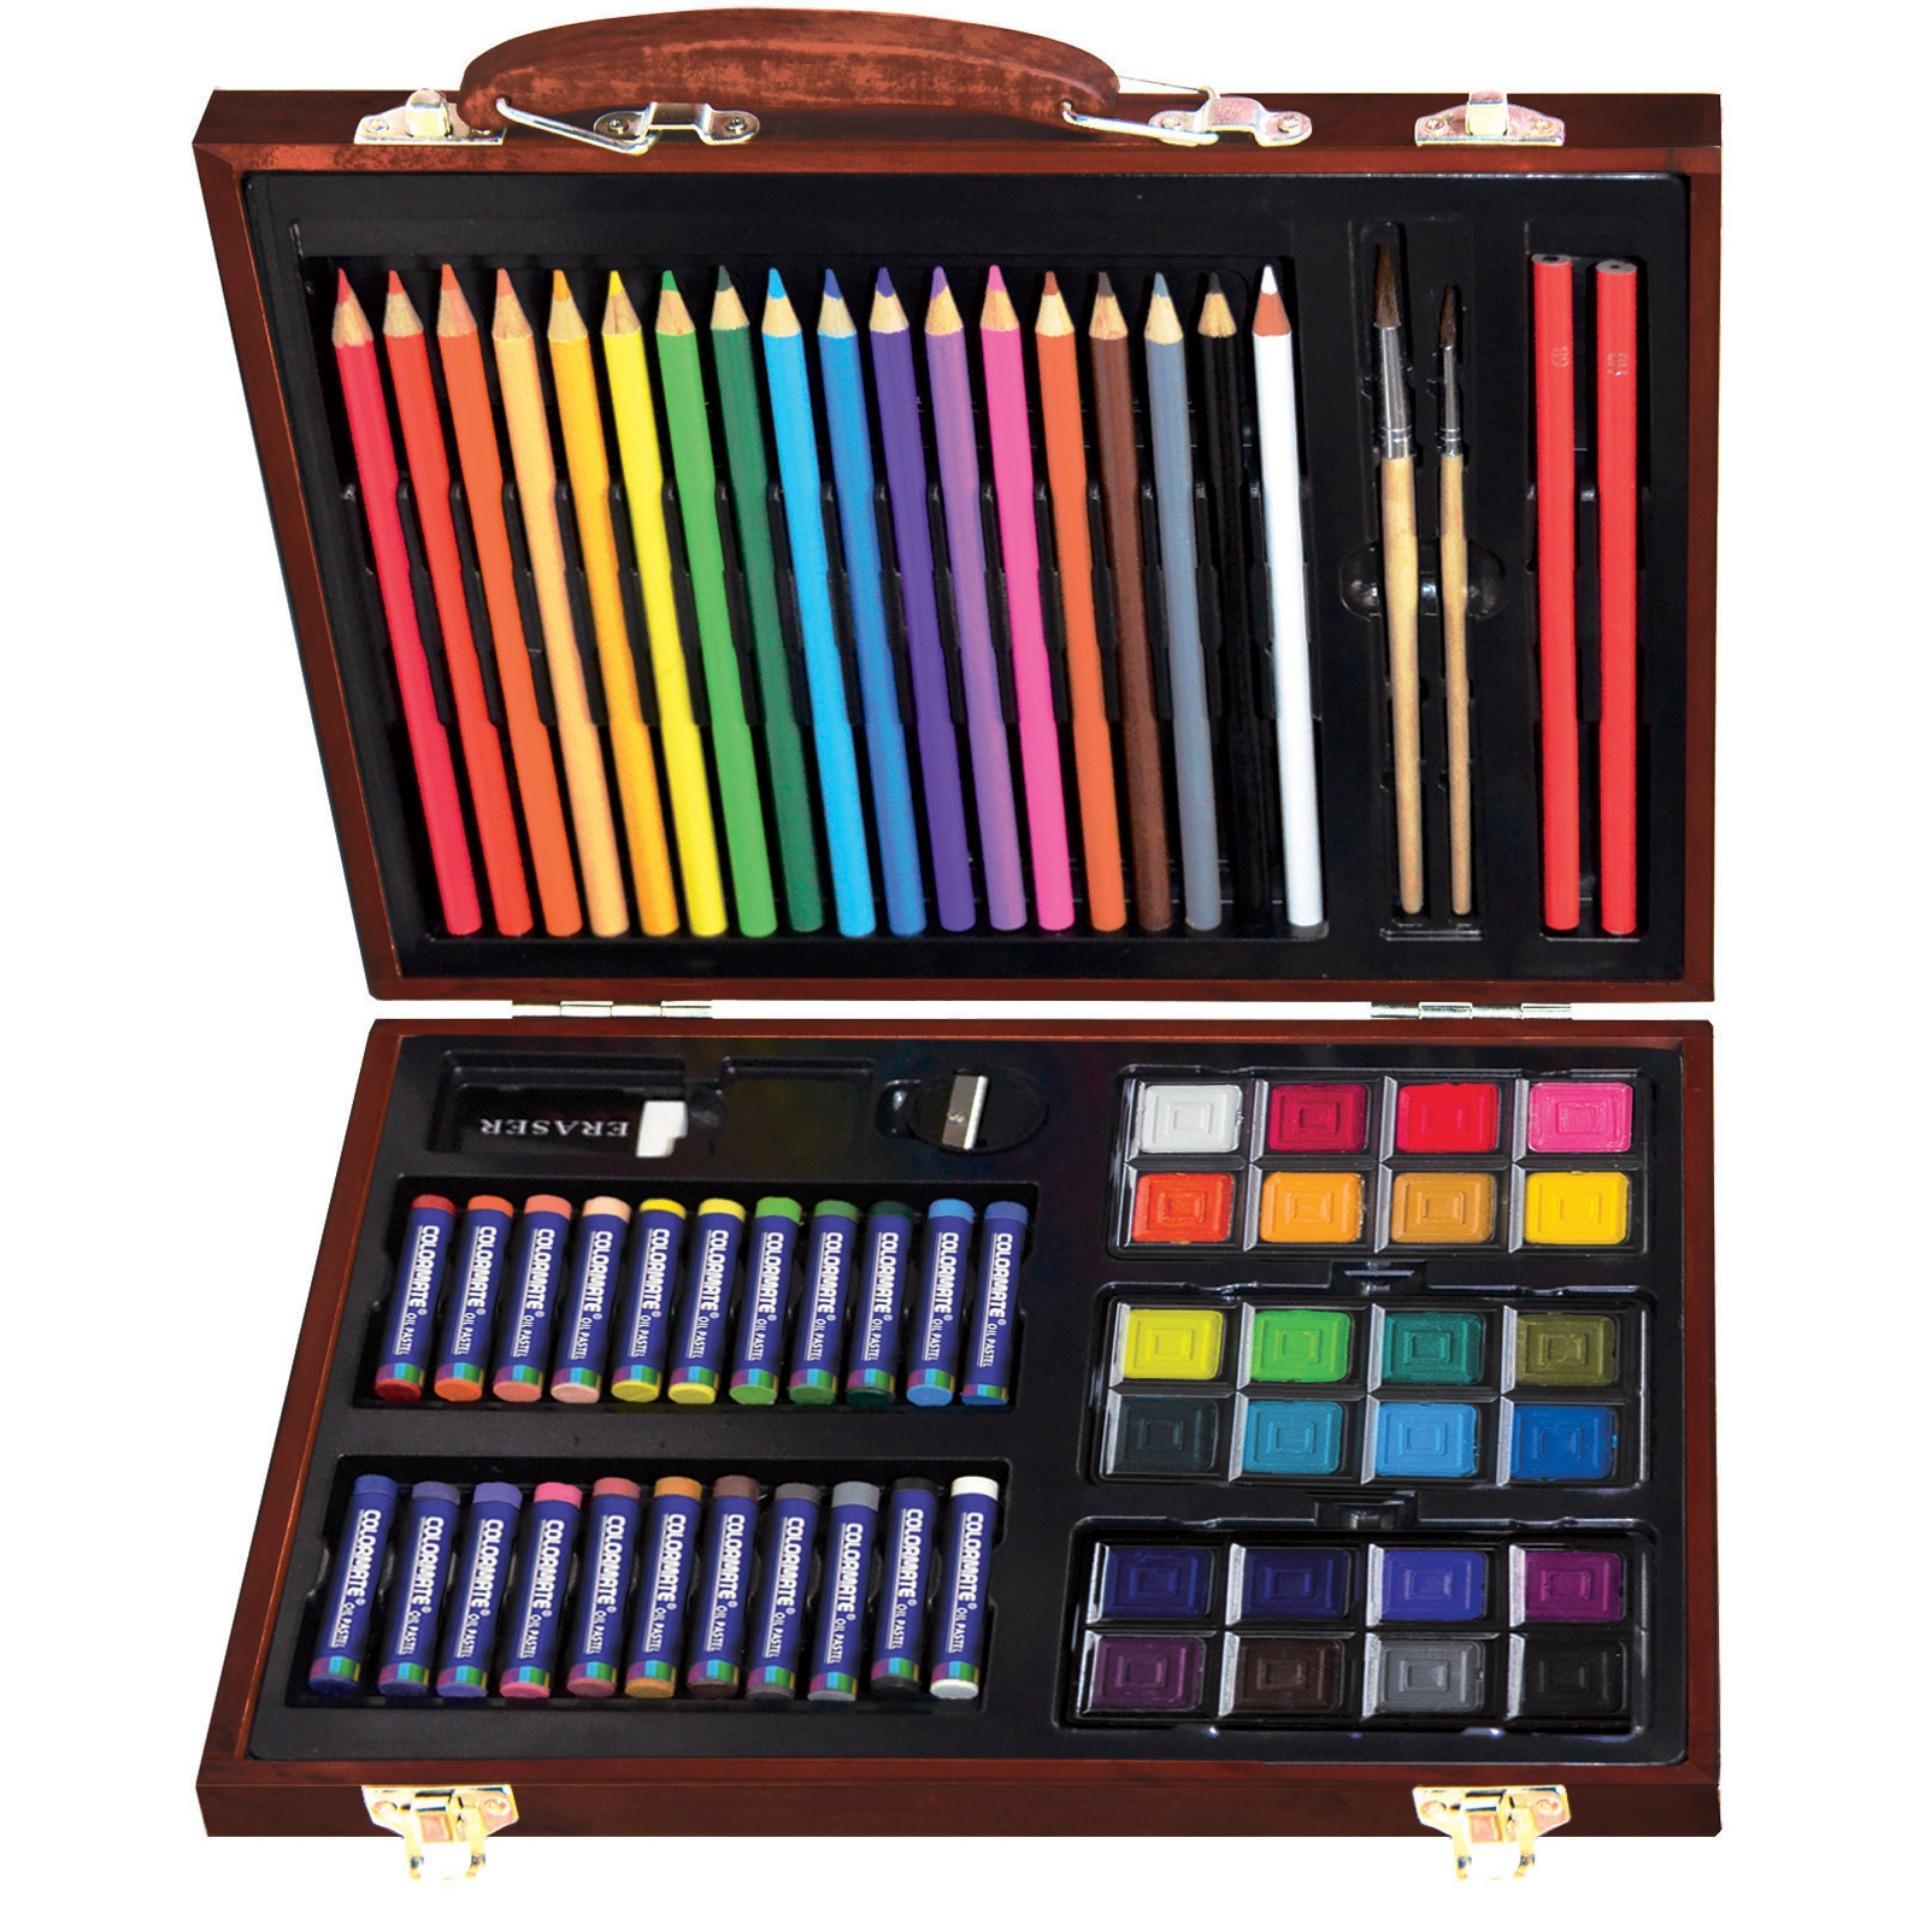 Hình ảnh Bộ màu vẽ đa năng hộp gỗ Colormate MS-74W